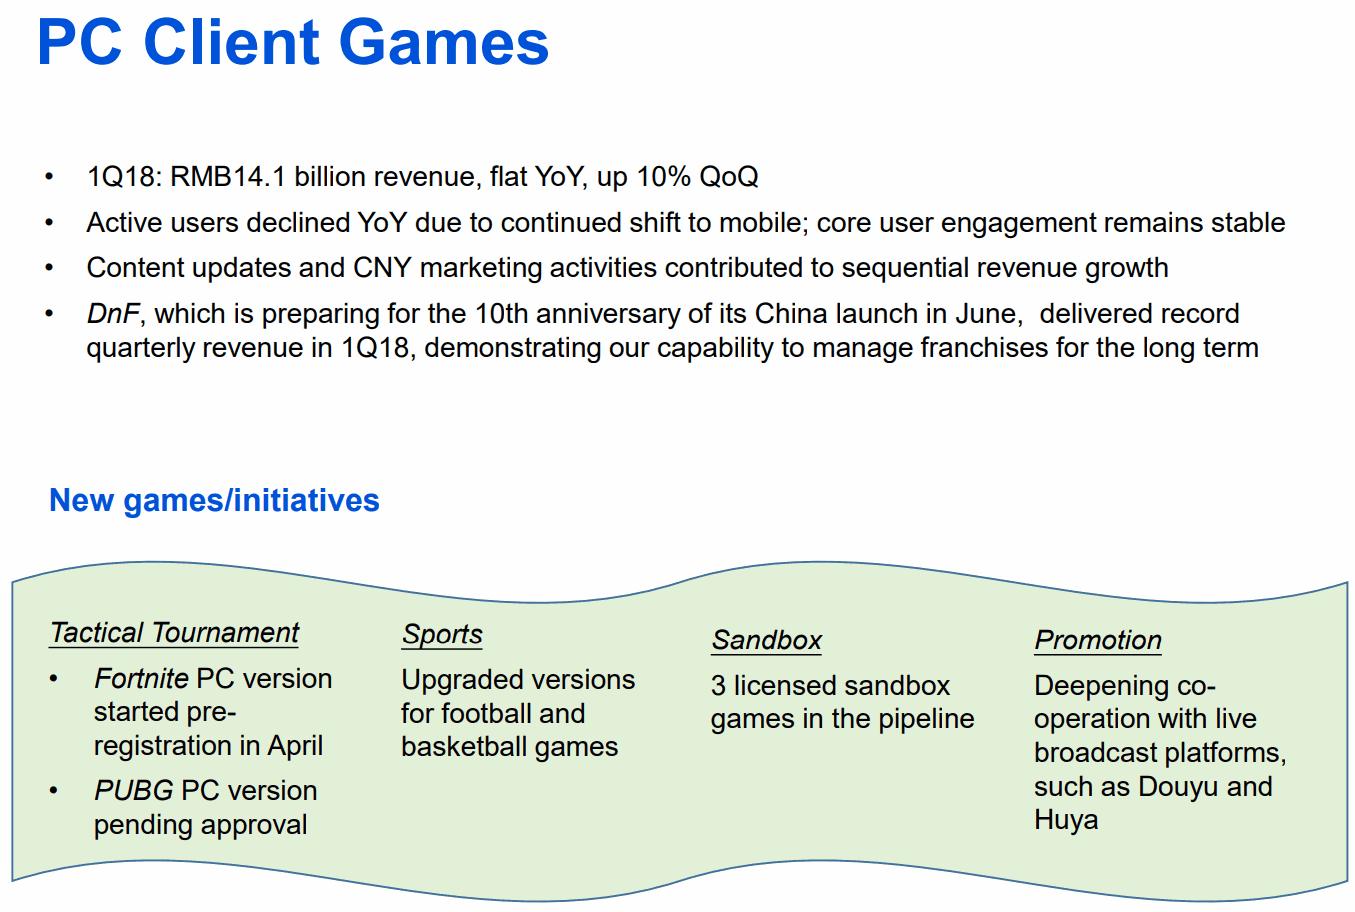 Tencent-2018Q1-PC-Client-Games